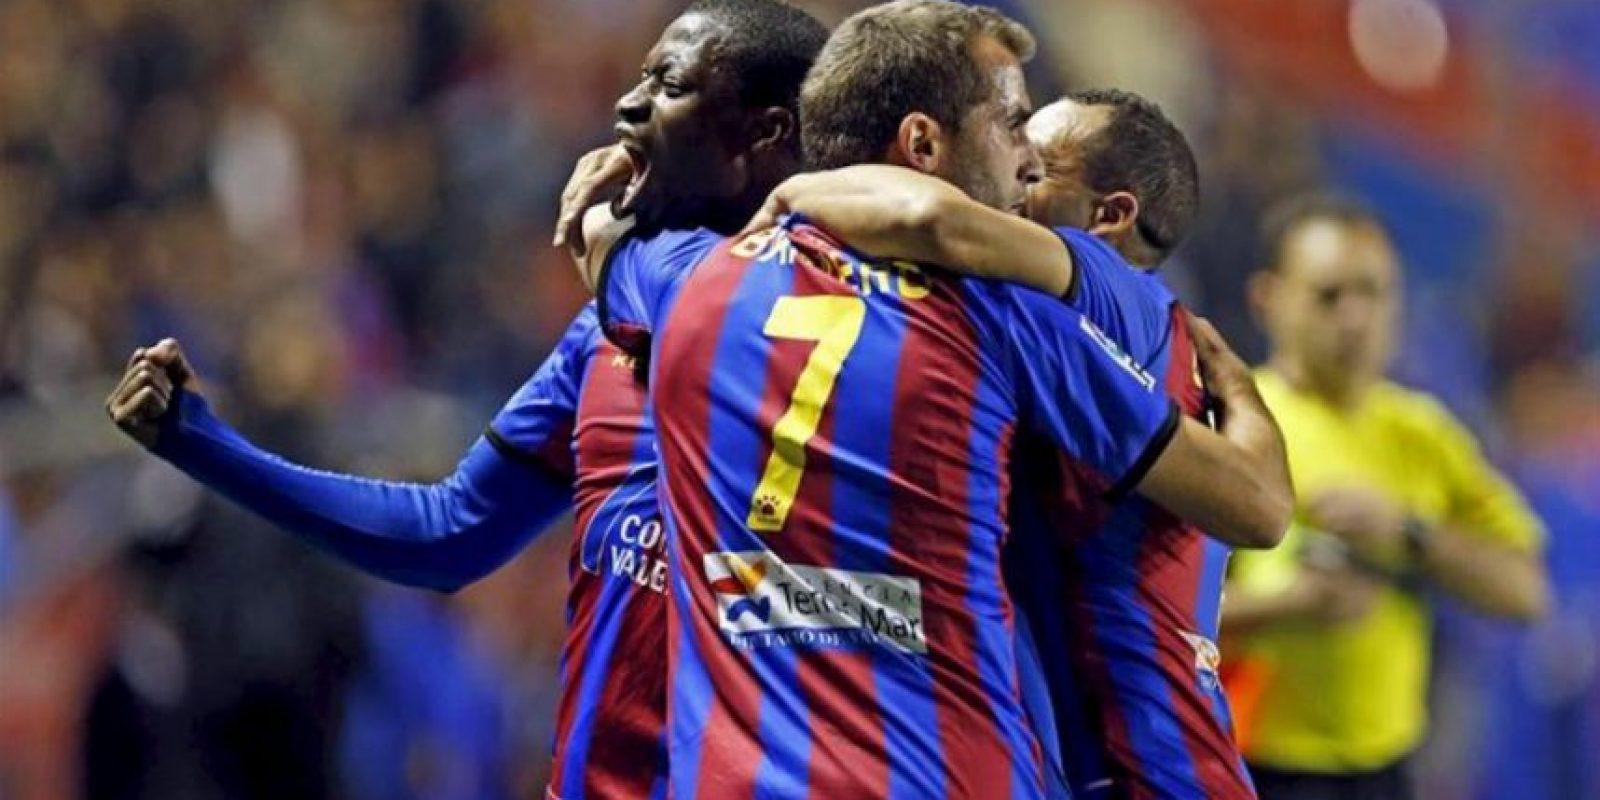 El centrocampista del Levante José Javier Barkero (c) celebra con sus compañeros el gol marcado ante el Valladolid, el primero del equipo, durante el partido correspondiente a la vigésimo primera jornada de Liga de Primera División disputado en el estadio Ciutat de Valencia. EFE